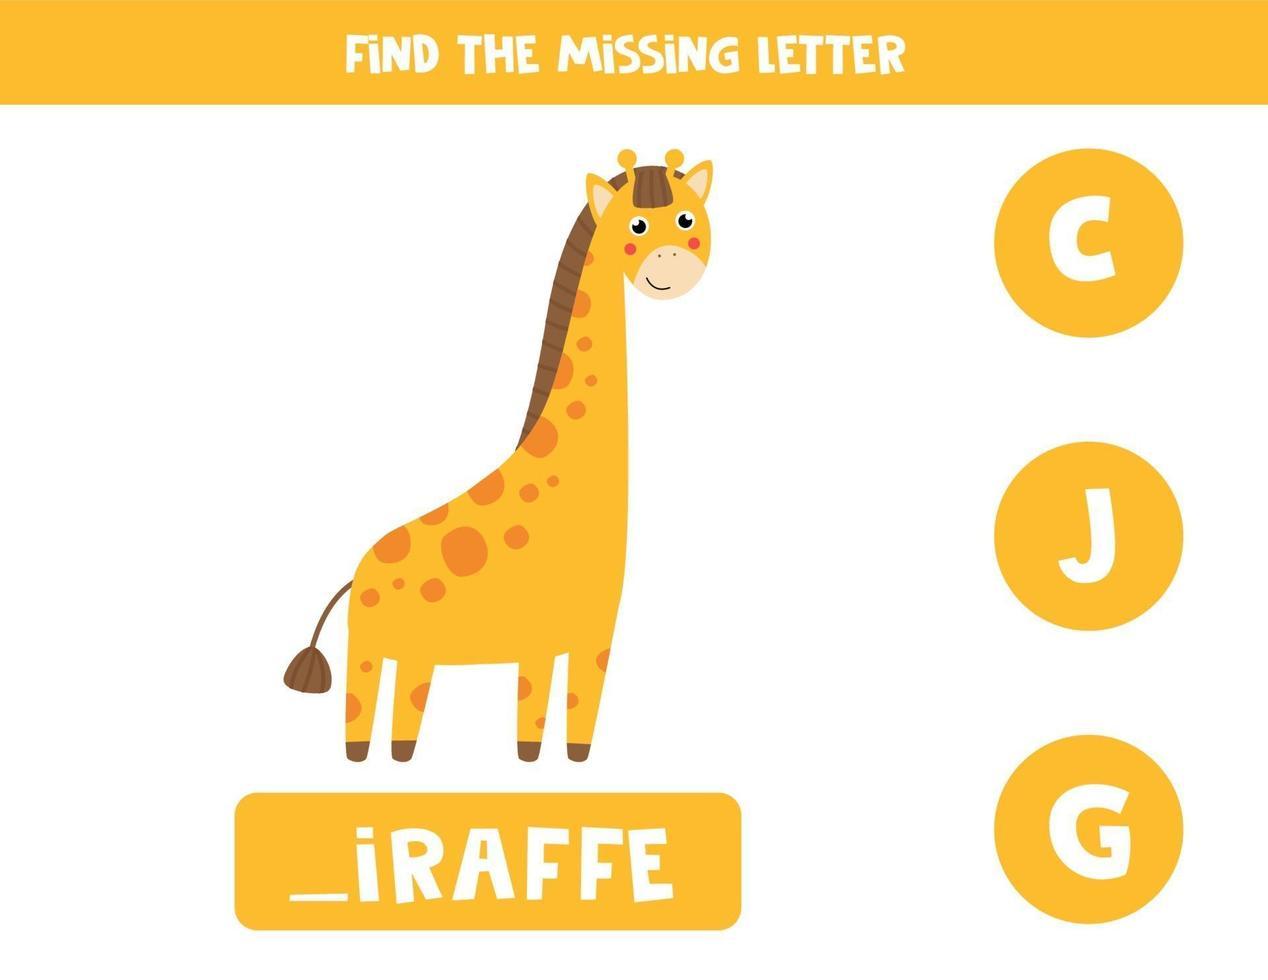 hitta saknat brev och skriv ner det. söt tecknad giraff. vektor